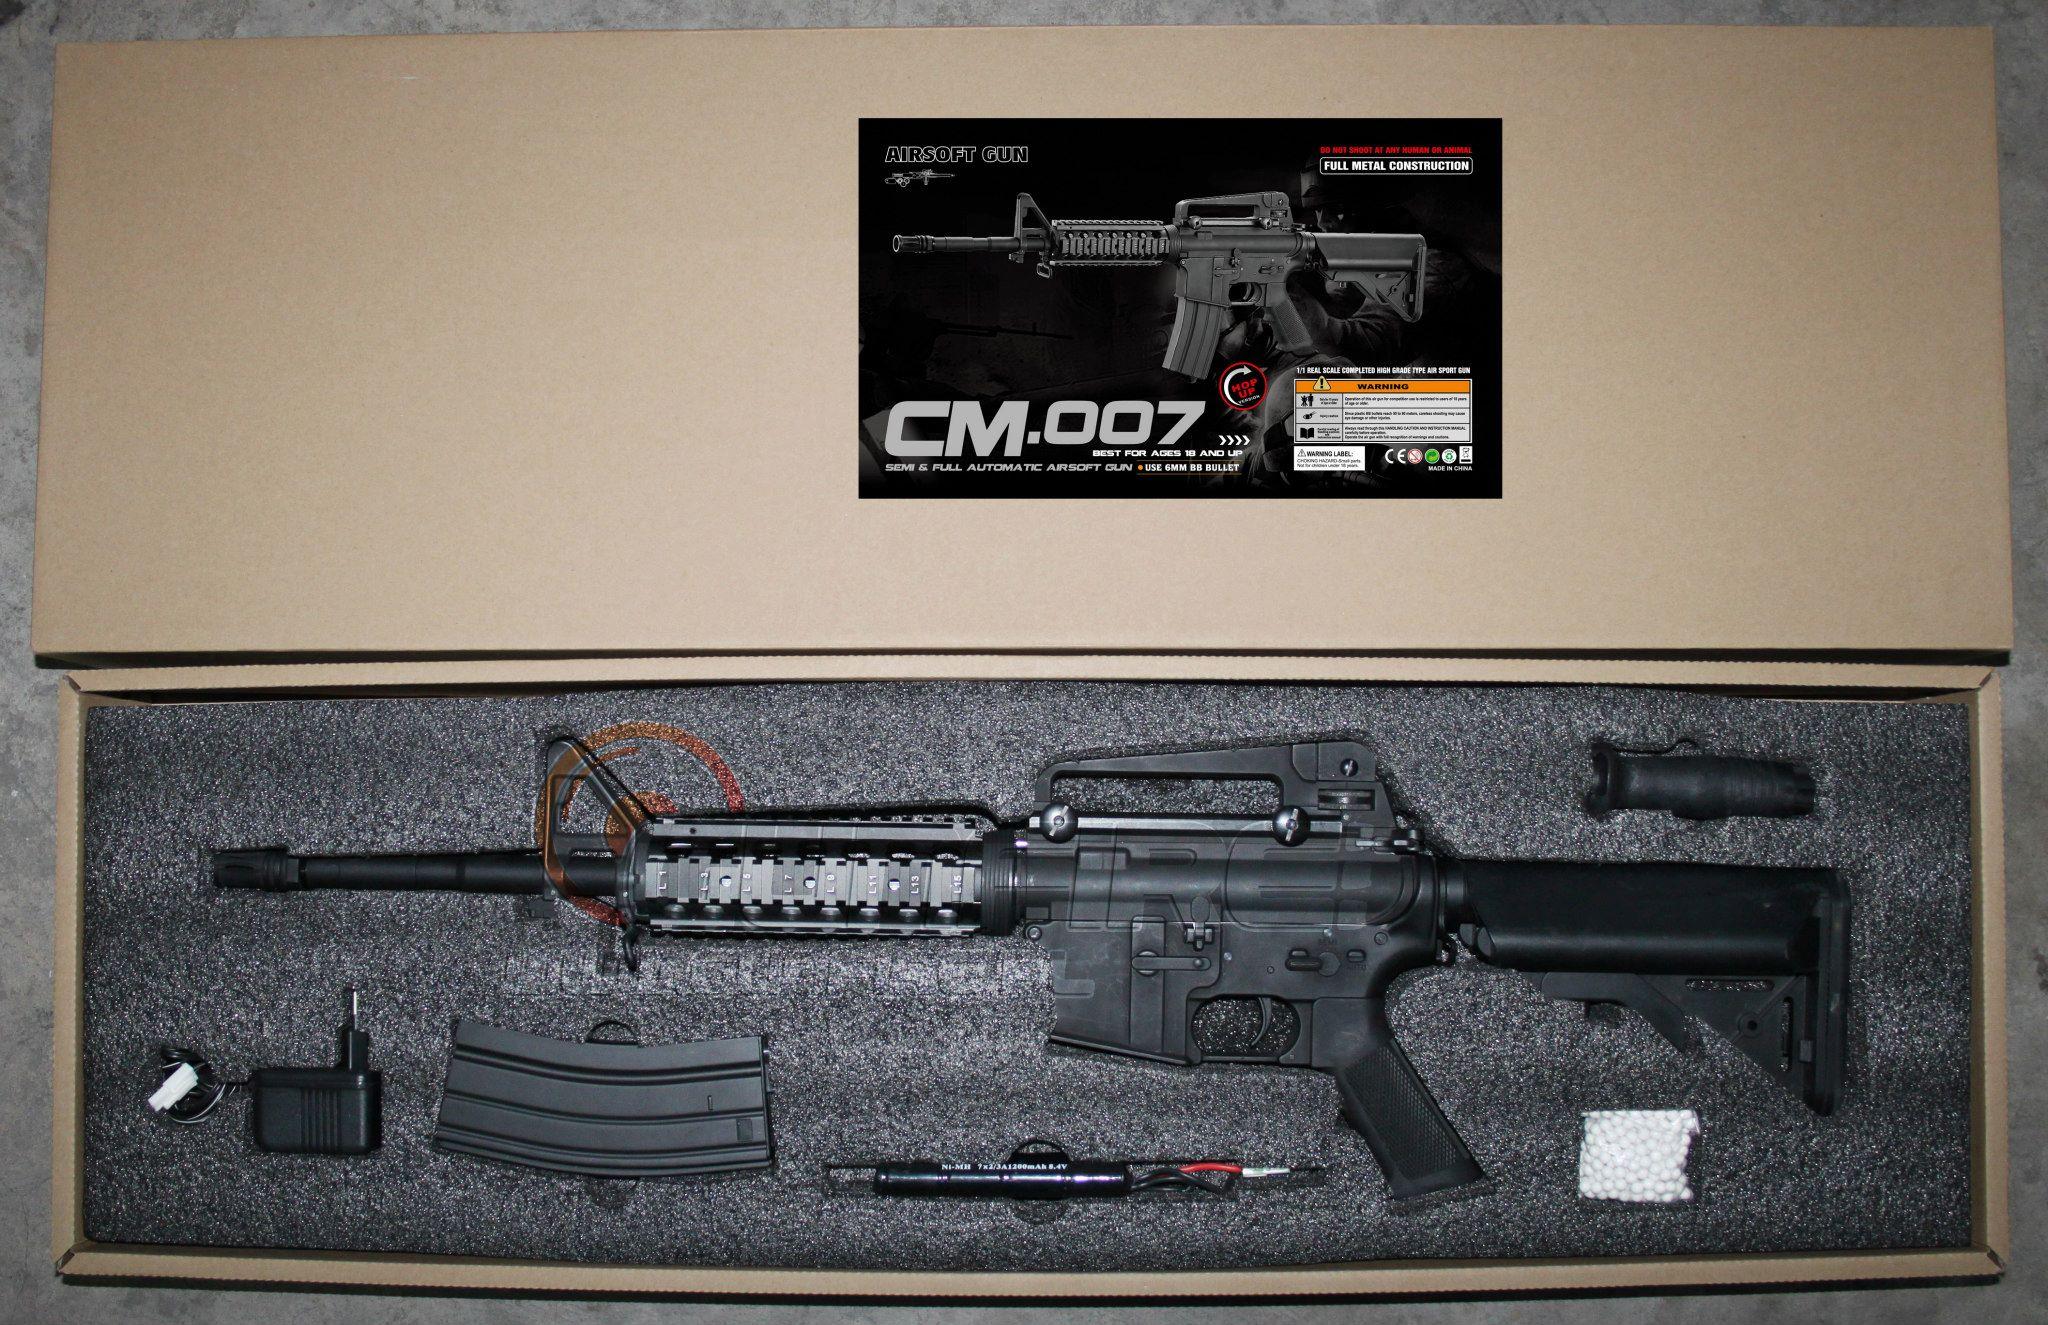 Cyma anuncia que fabricará M4 - M16 CM-007